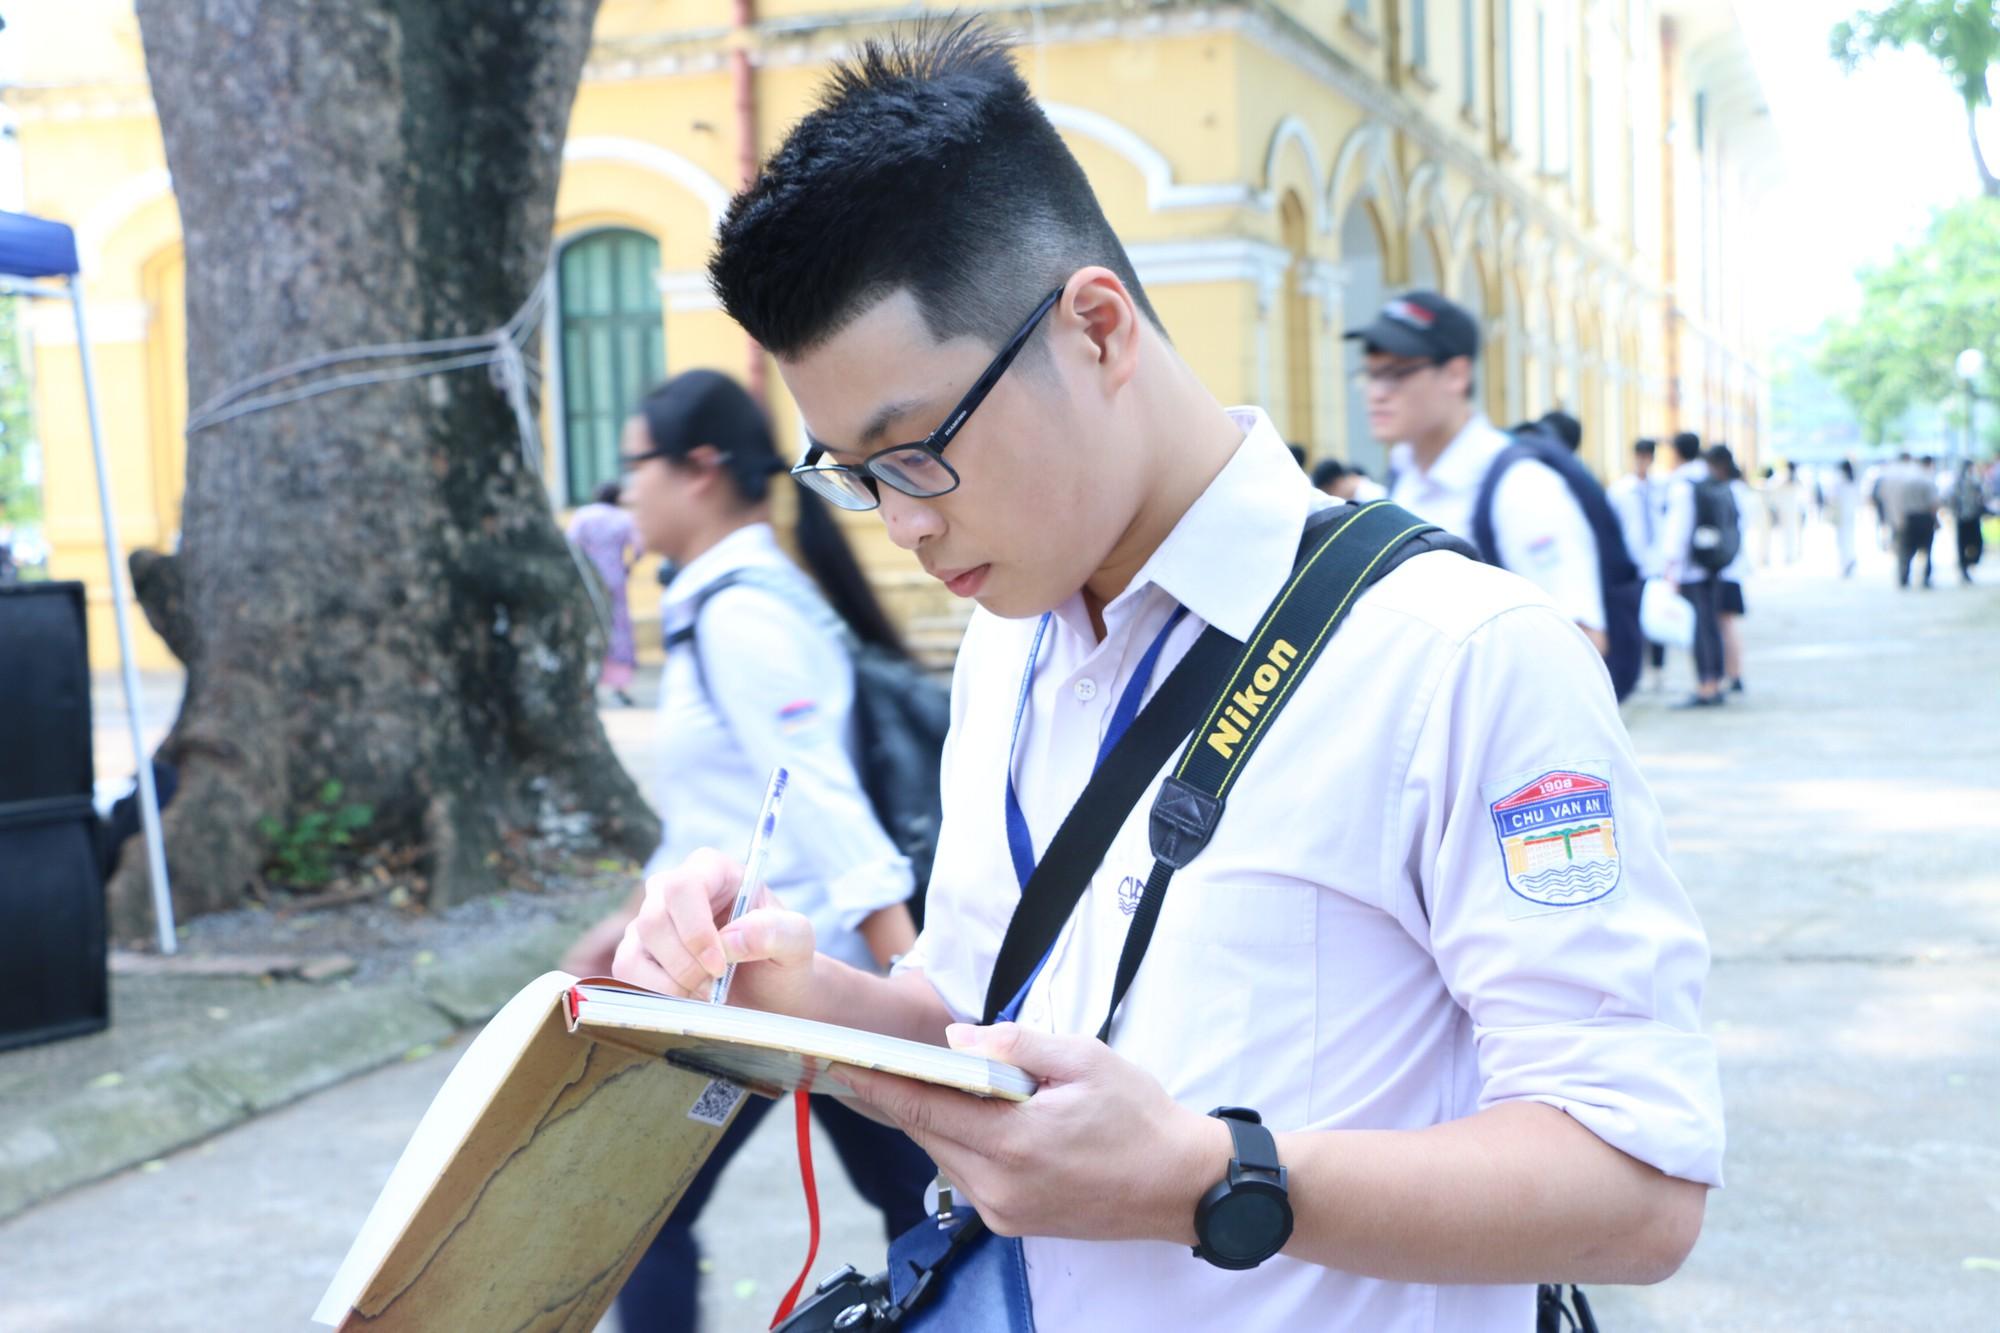 Ngắm nữ sinh Trường Chu Văn An duyên dáng, đẹp tinh khôi trong ngày bế giảng - Ảnh 16.